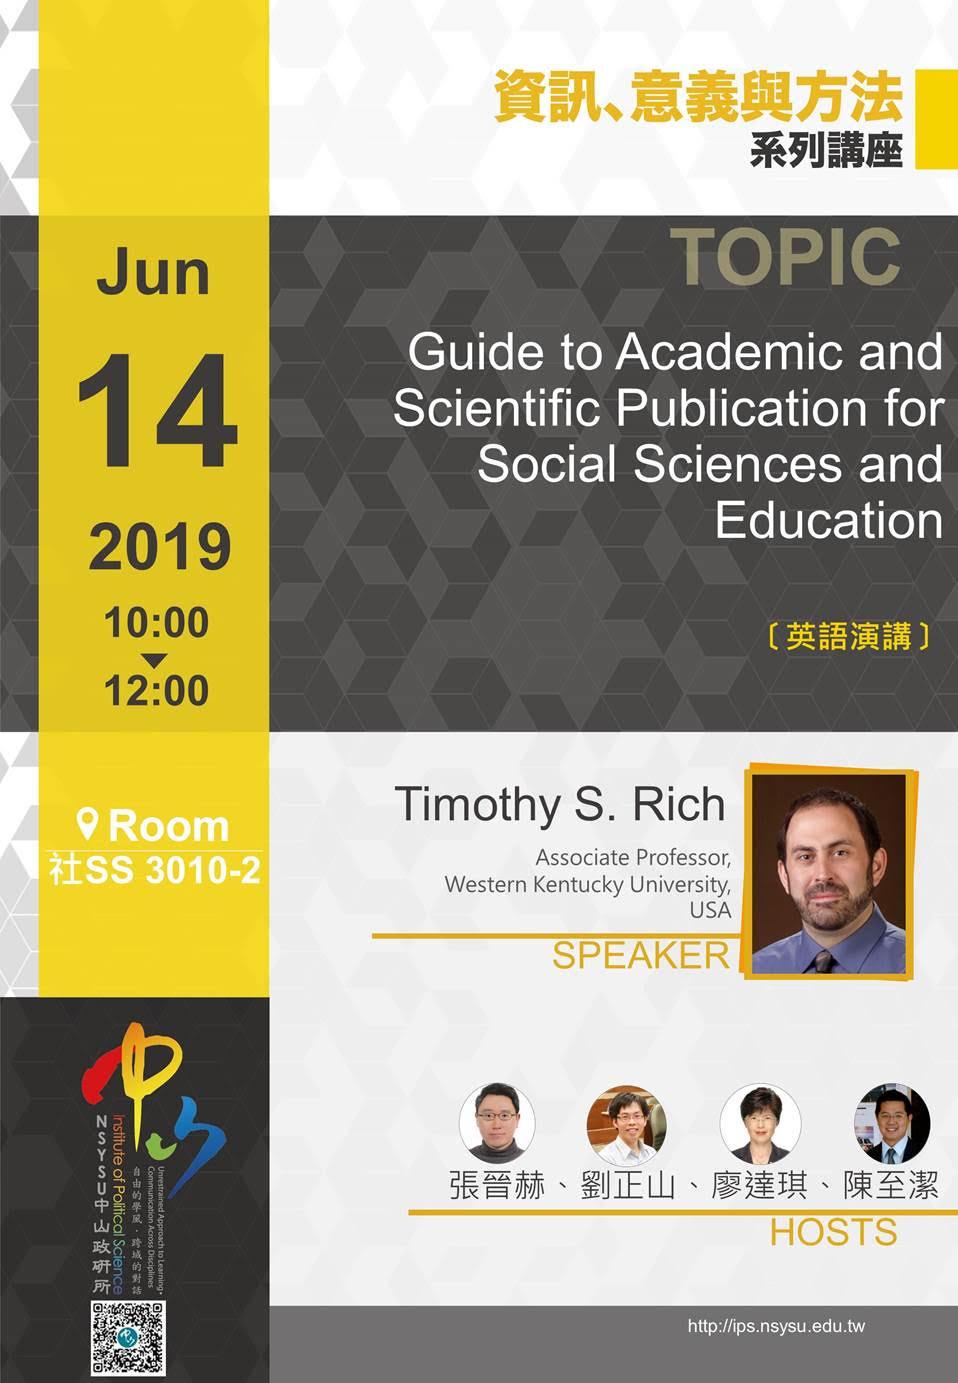 芮宗泰:Guide to Academic and Scientific Publication for Social Sciences and Education